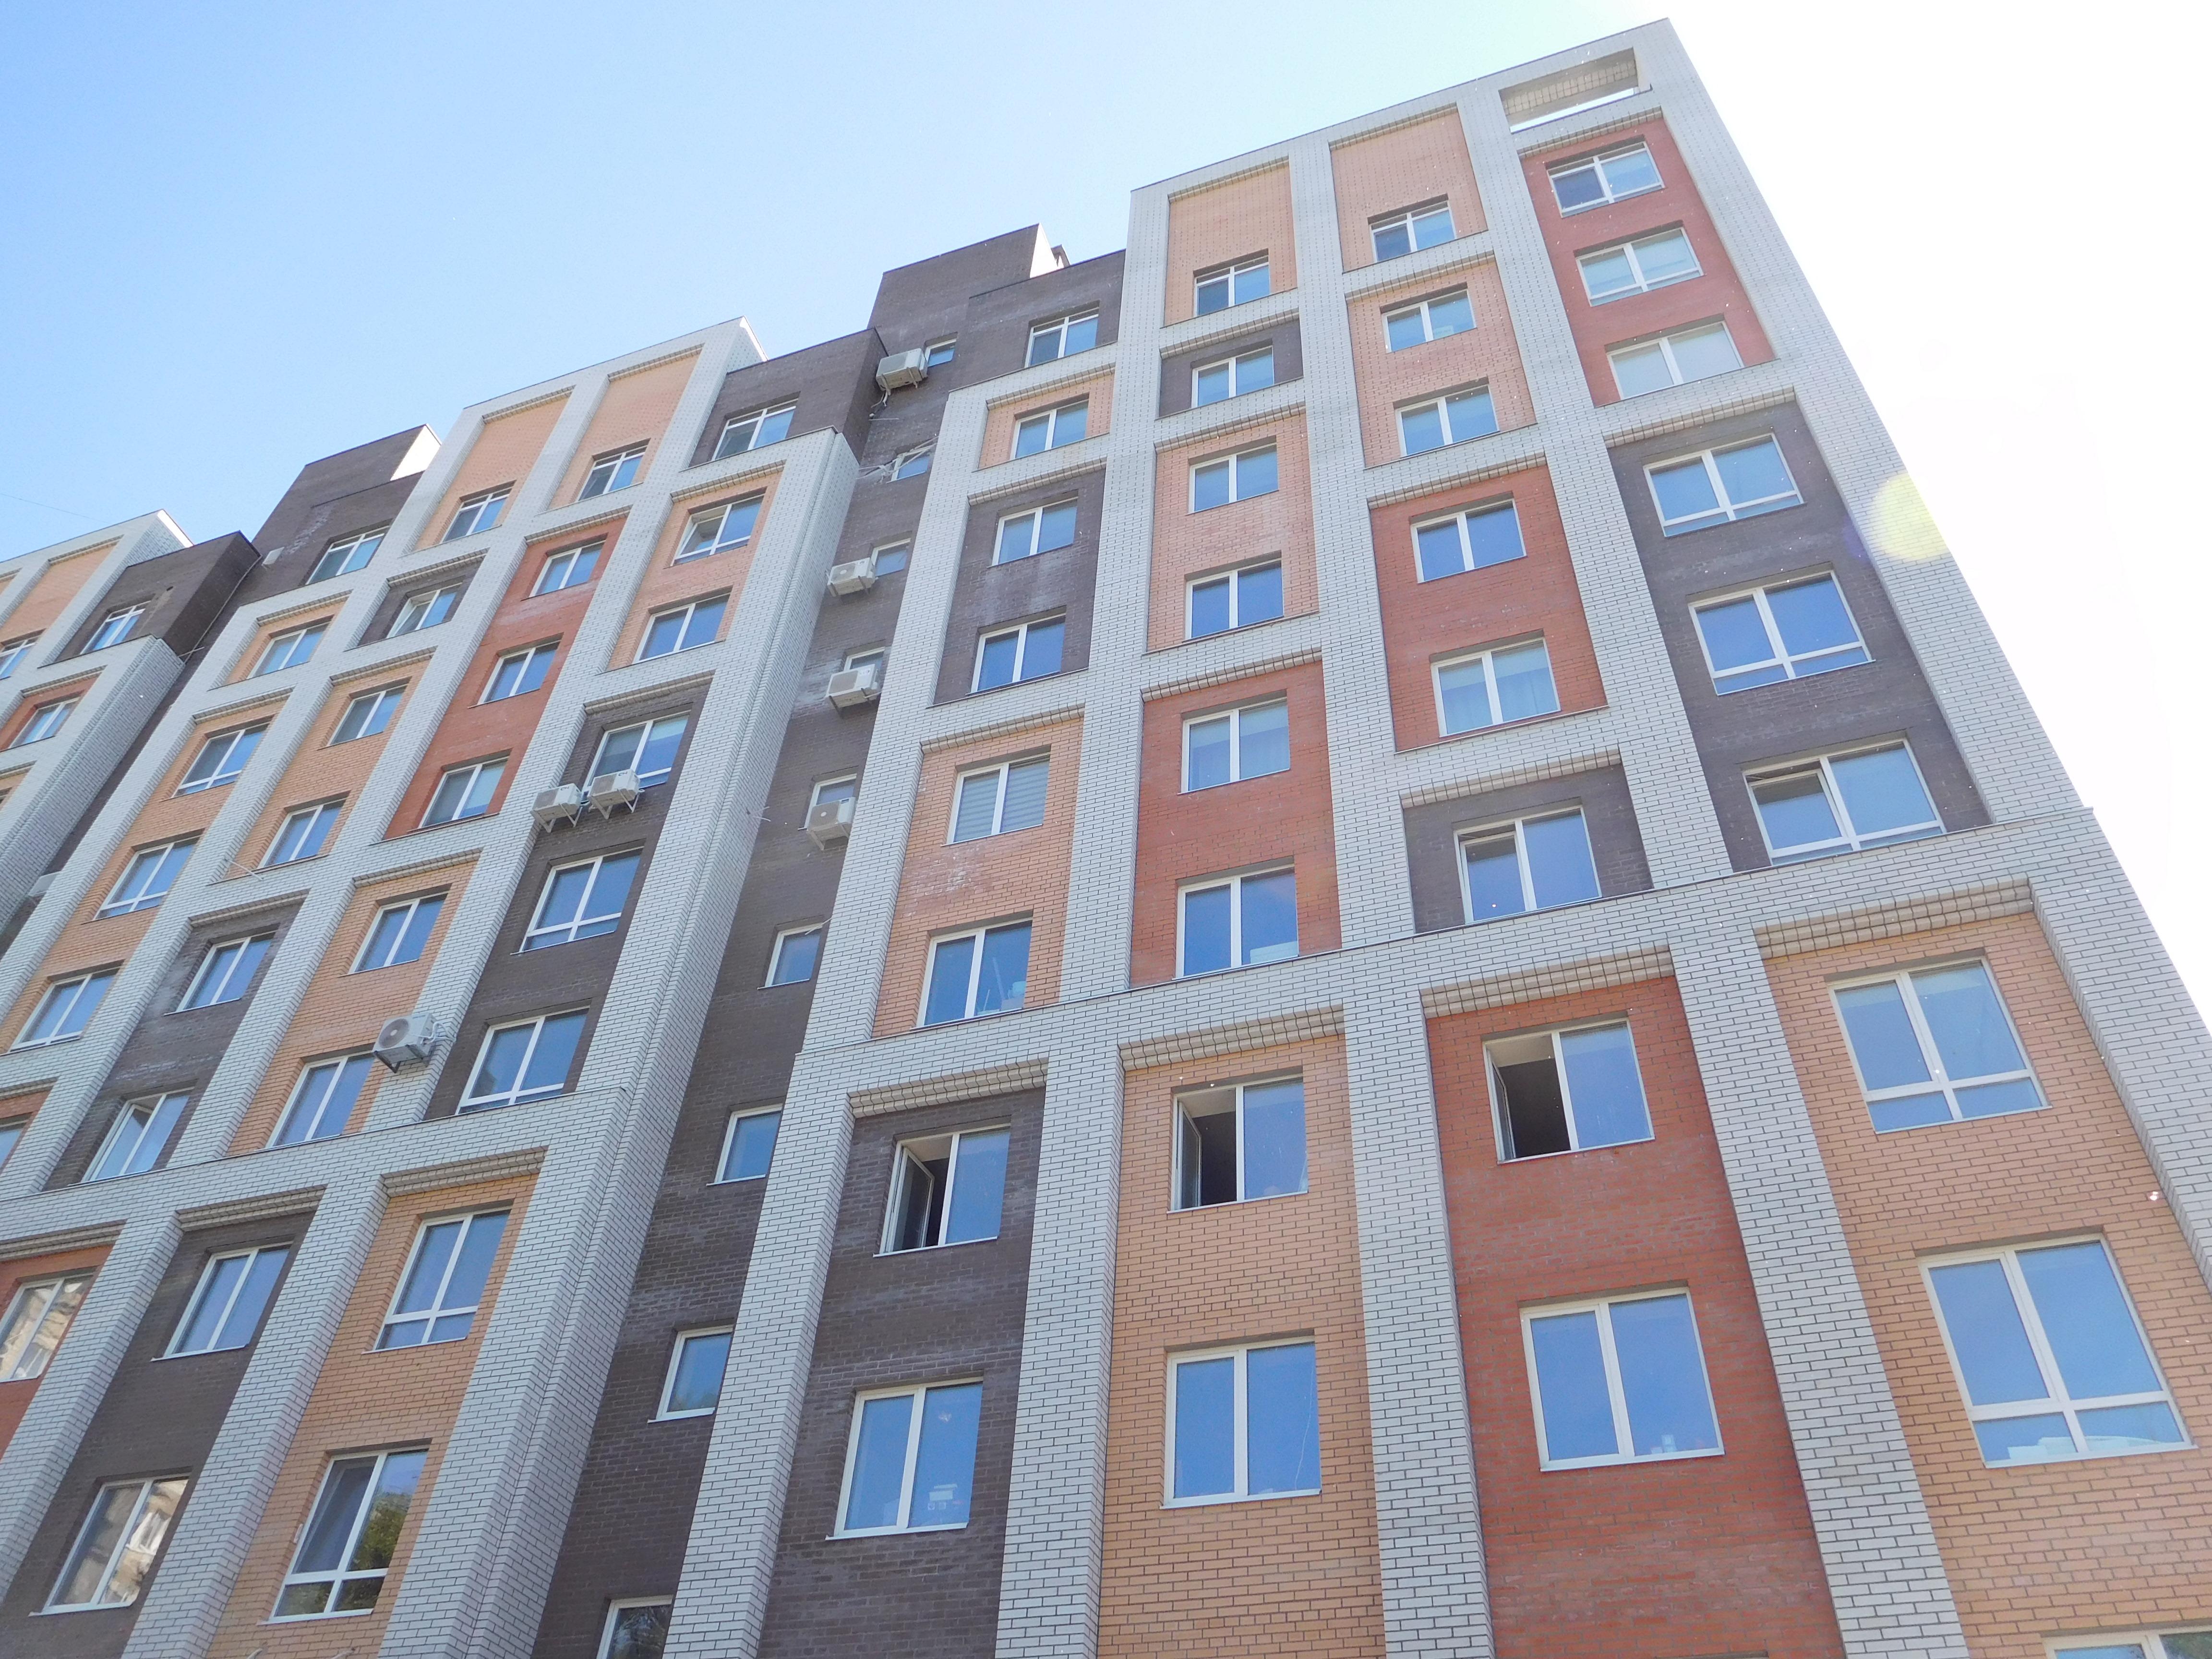 Строительство ЖК Добробут — Днепр, 24.05.2017